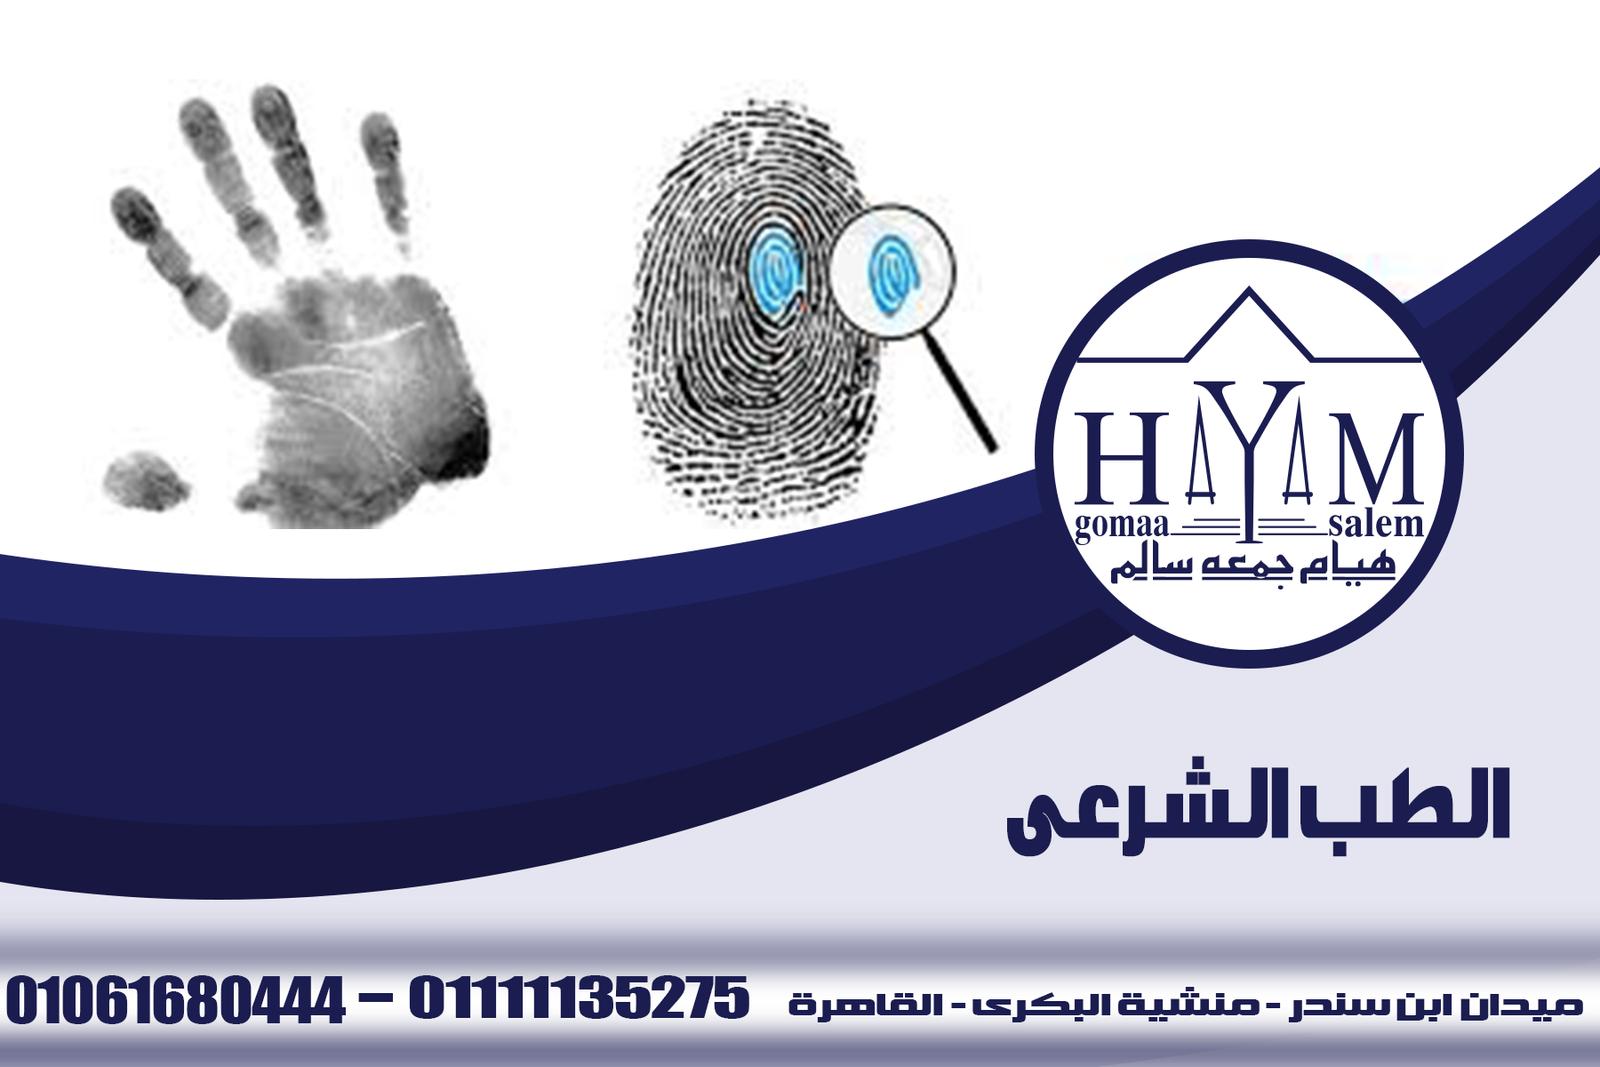 زواج الاجانب في مصر المحامية هيام جمعه سالم 01061680444 – الطب الشرعى